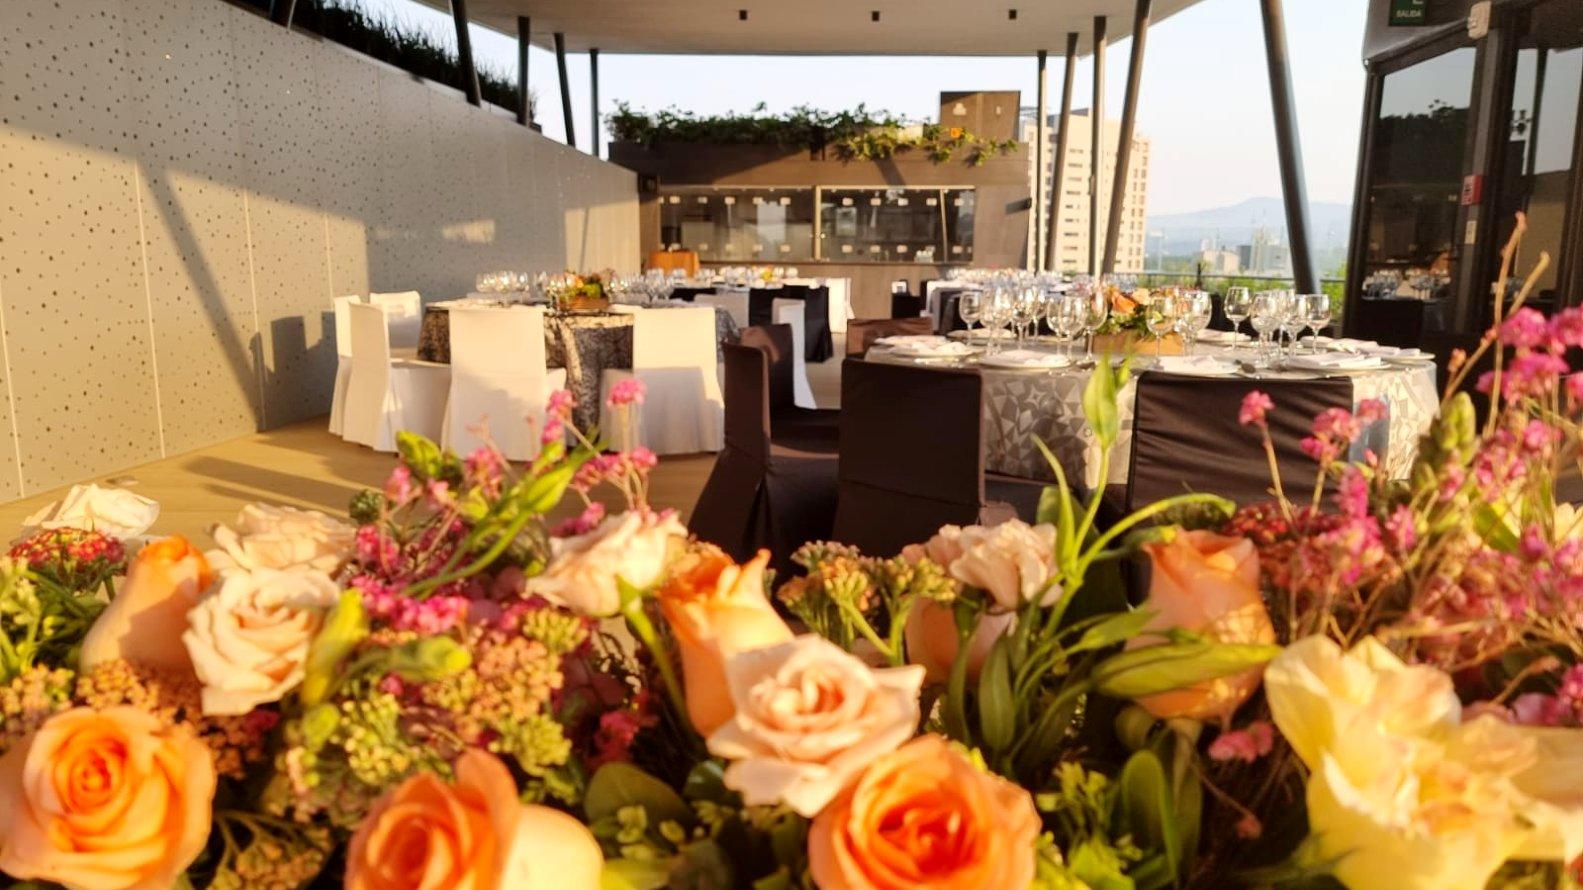 portada Roof Garden Banquete Hotel Galería Plaza San Jerónimo